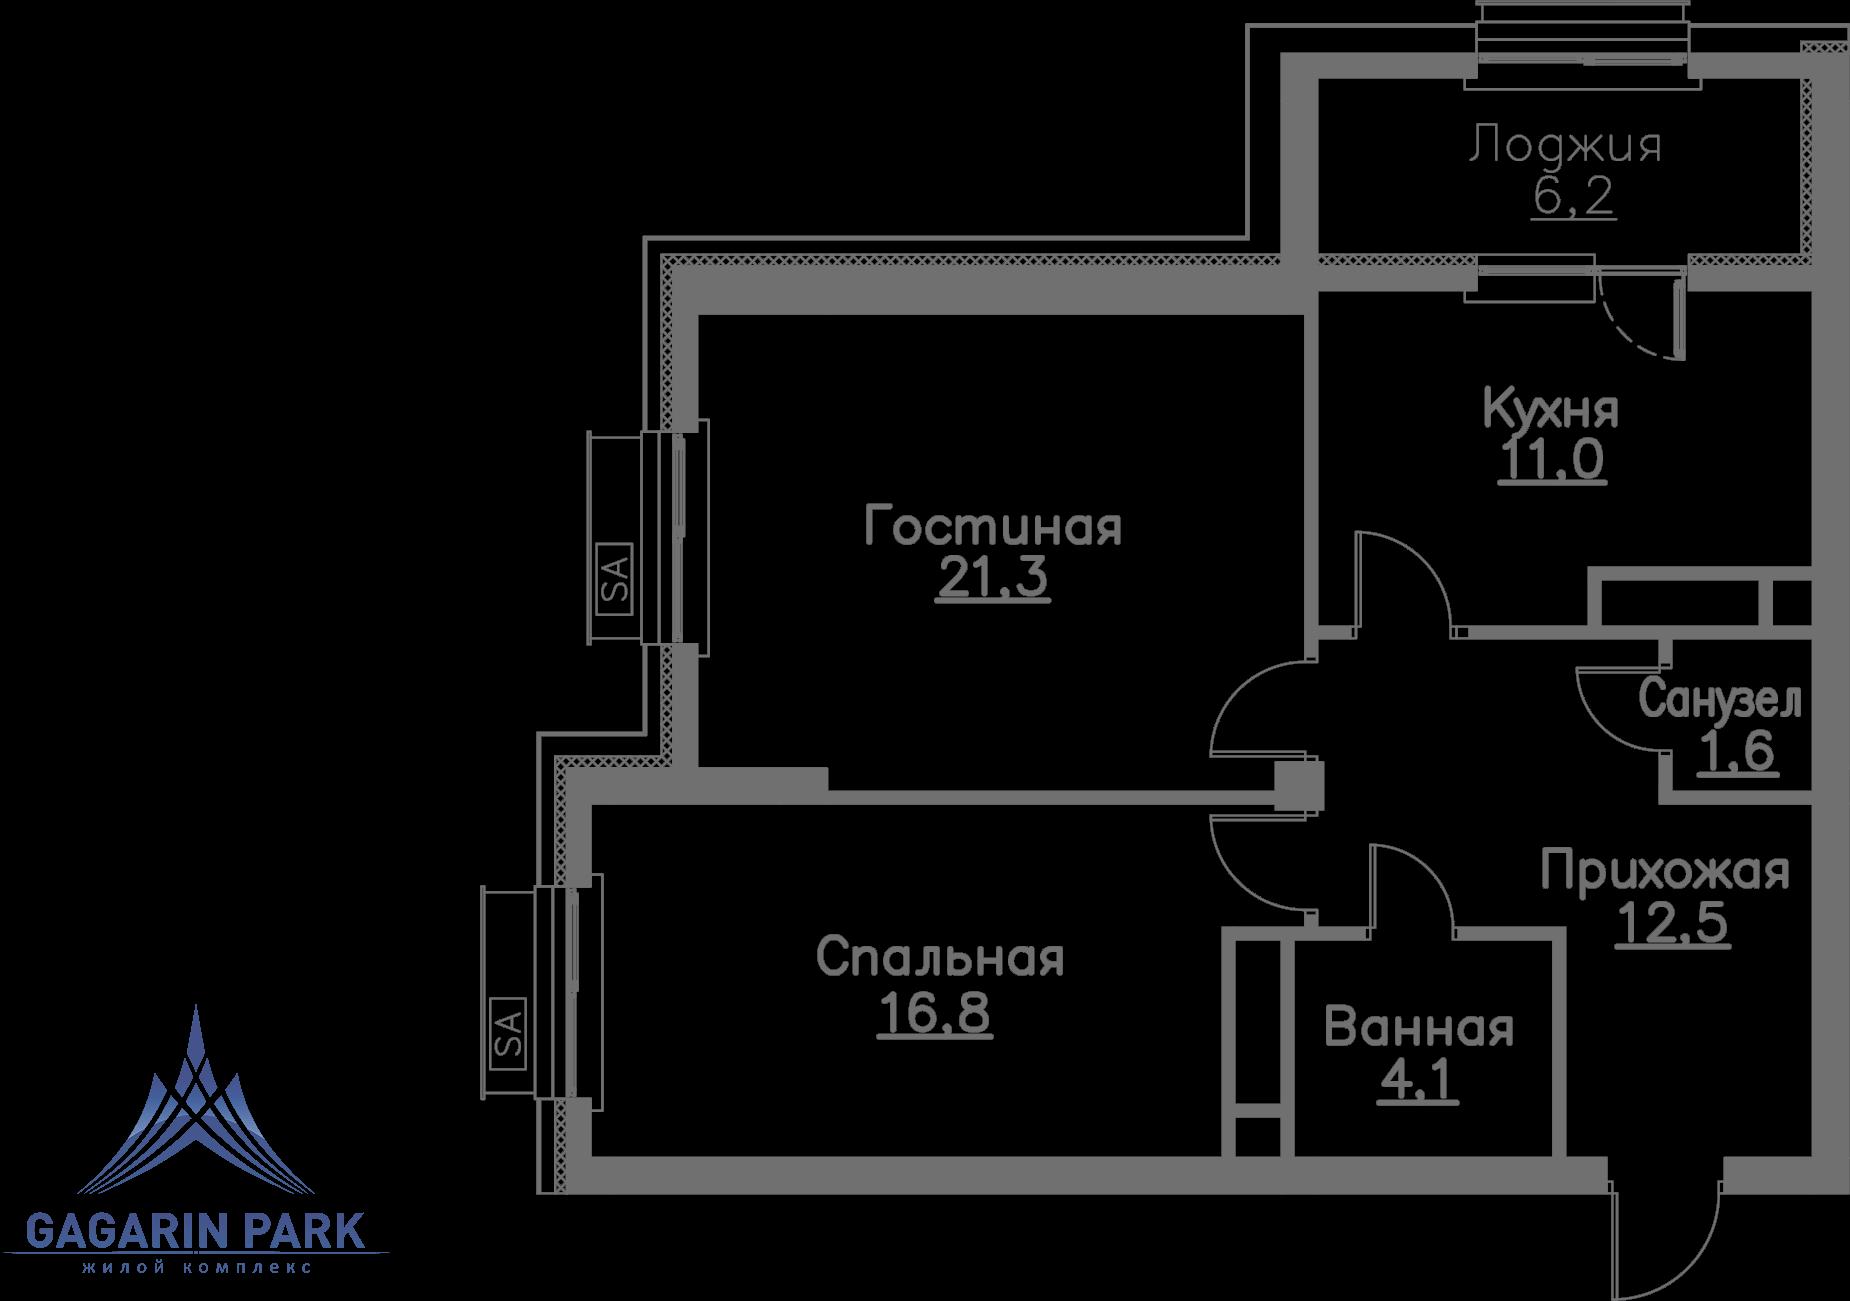 3 очередь, блок A, Квартира 47